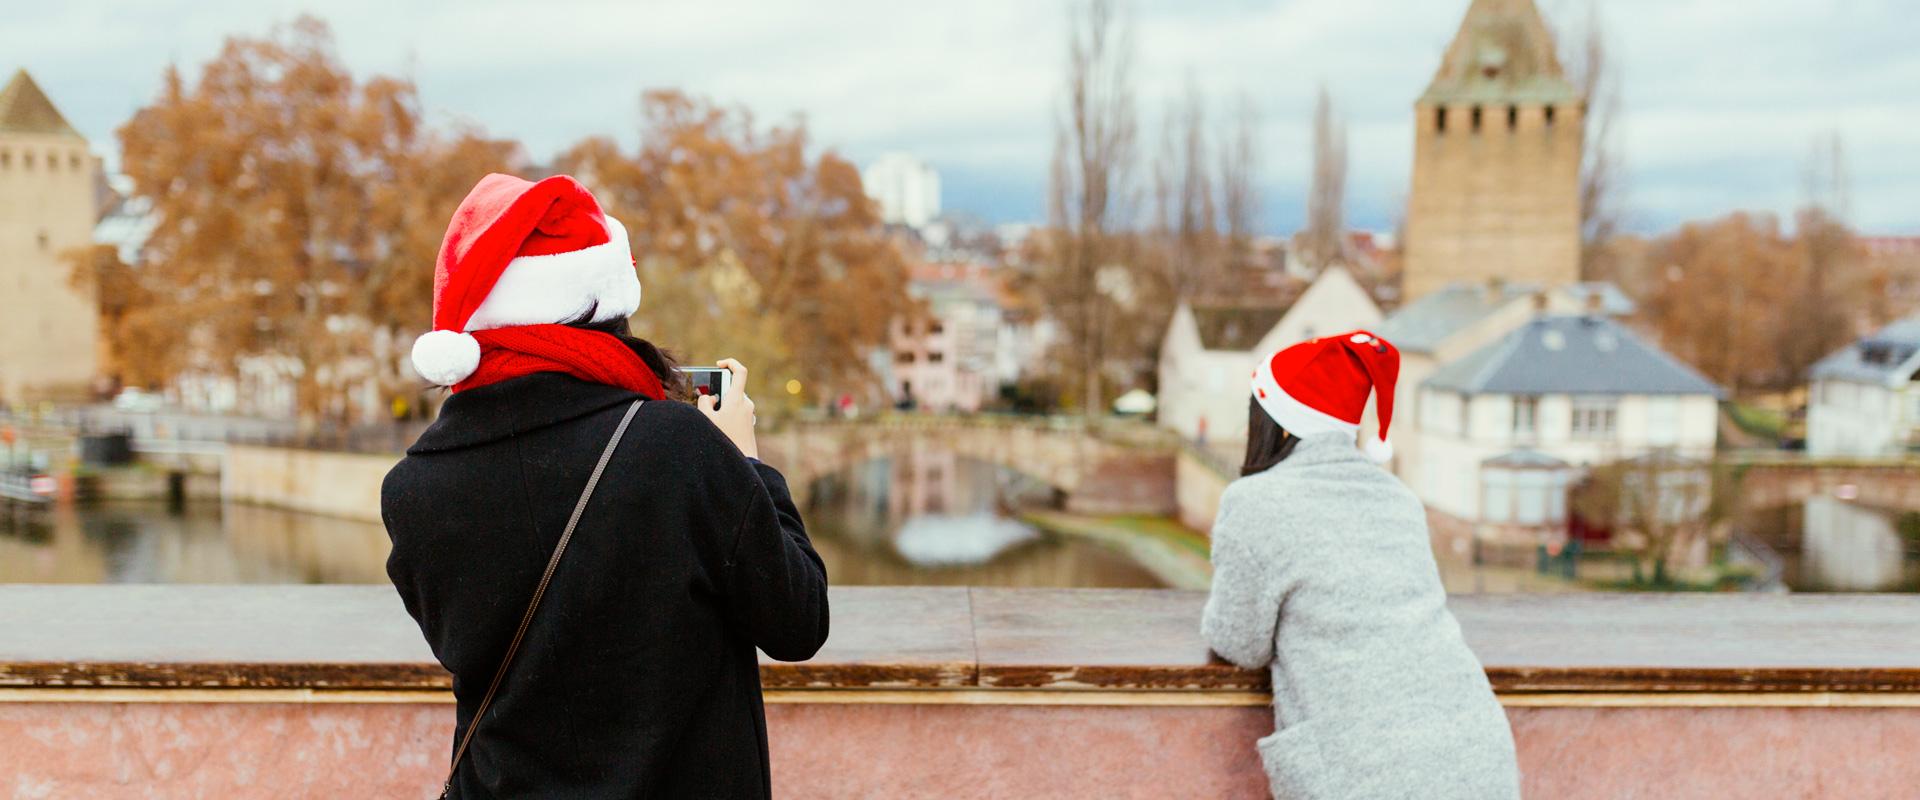 Quelques conseils pour un marché de Noël en toute tranquillité